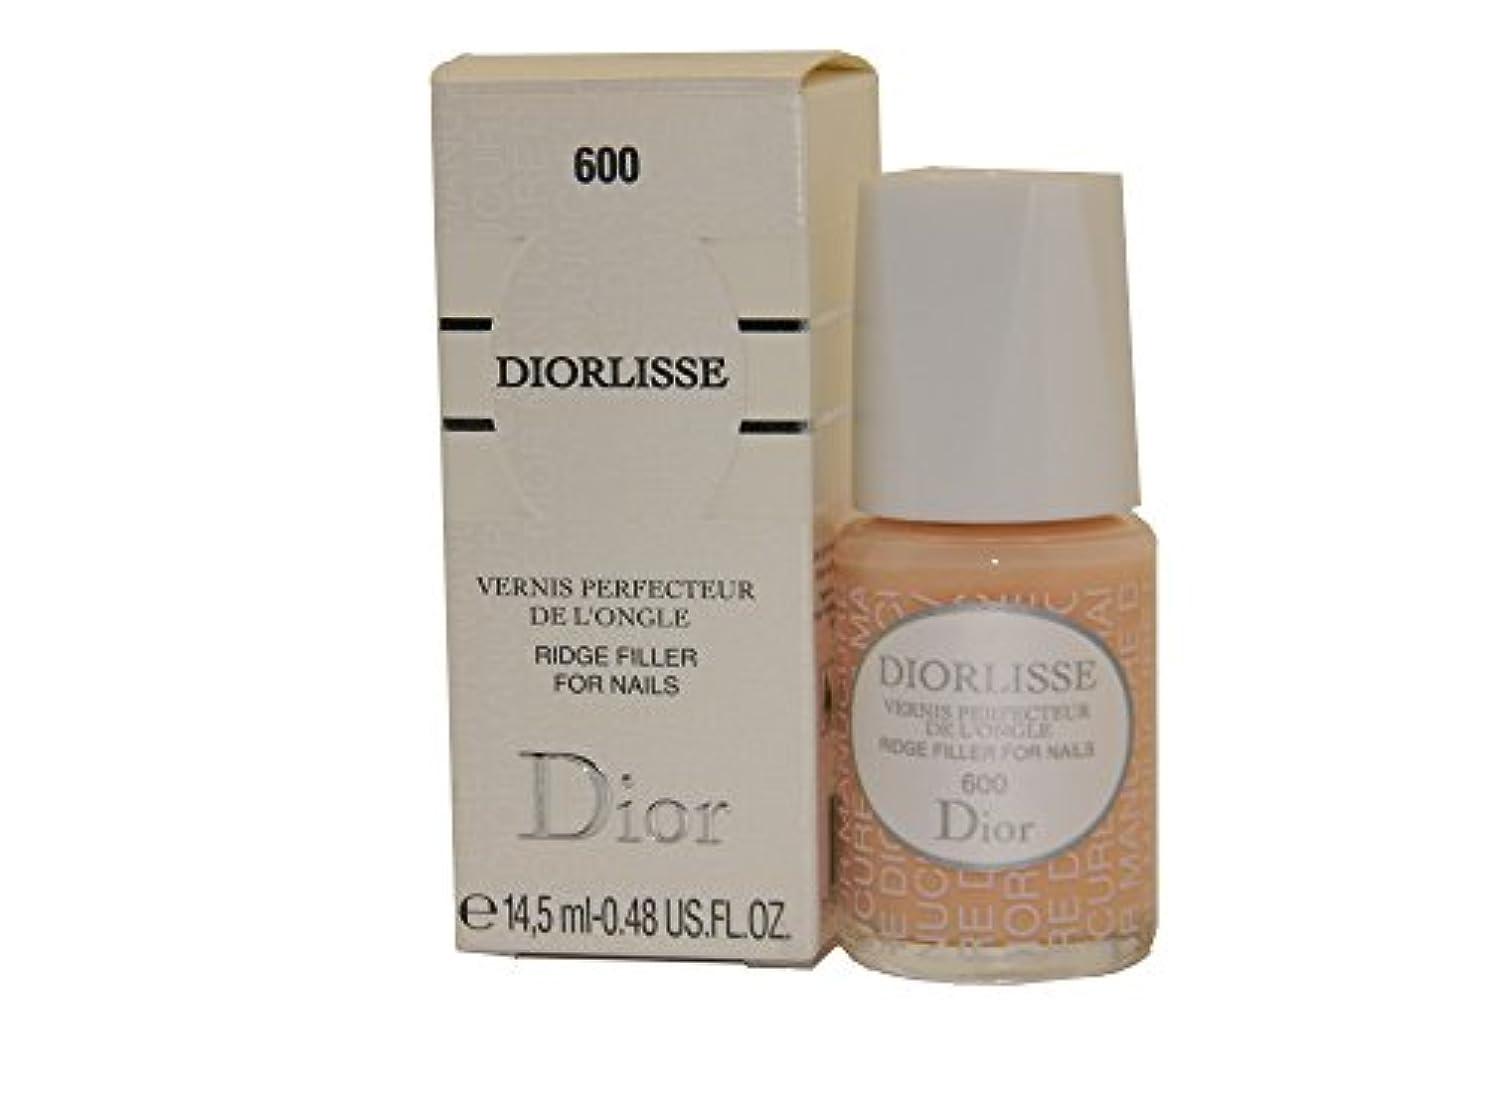 立方体成分すぐにDior Diorlisse Ridge Filler For Nail 600(ディオールリス リッジフィラー フォーネイル 600)[海外直送品] [並行輸入品]